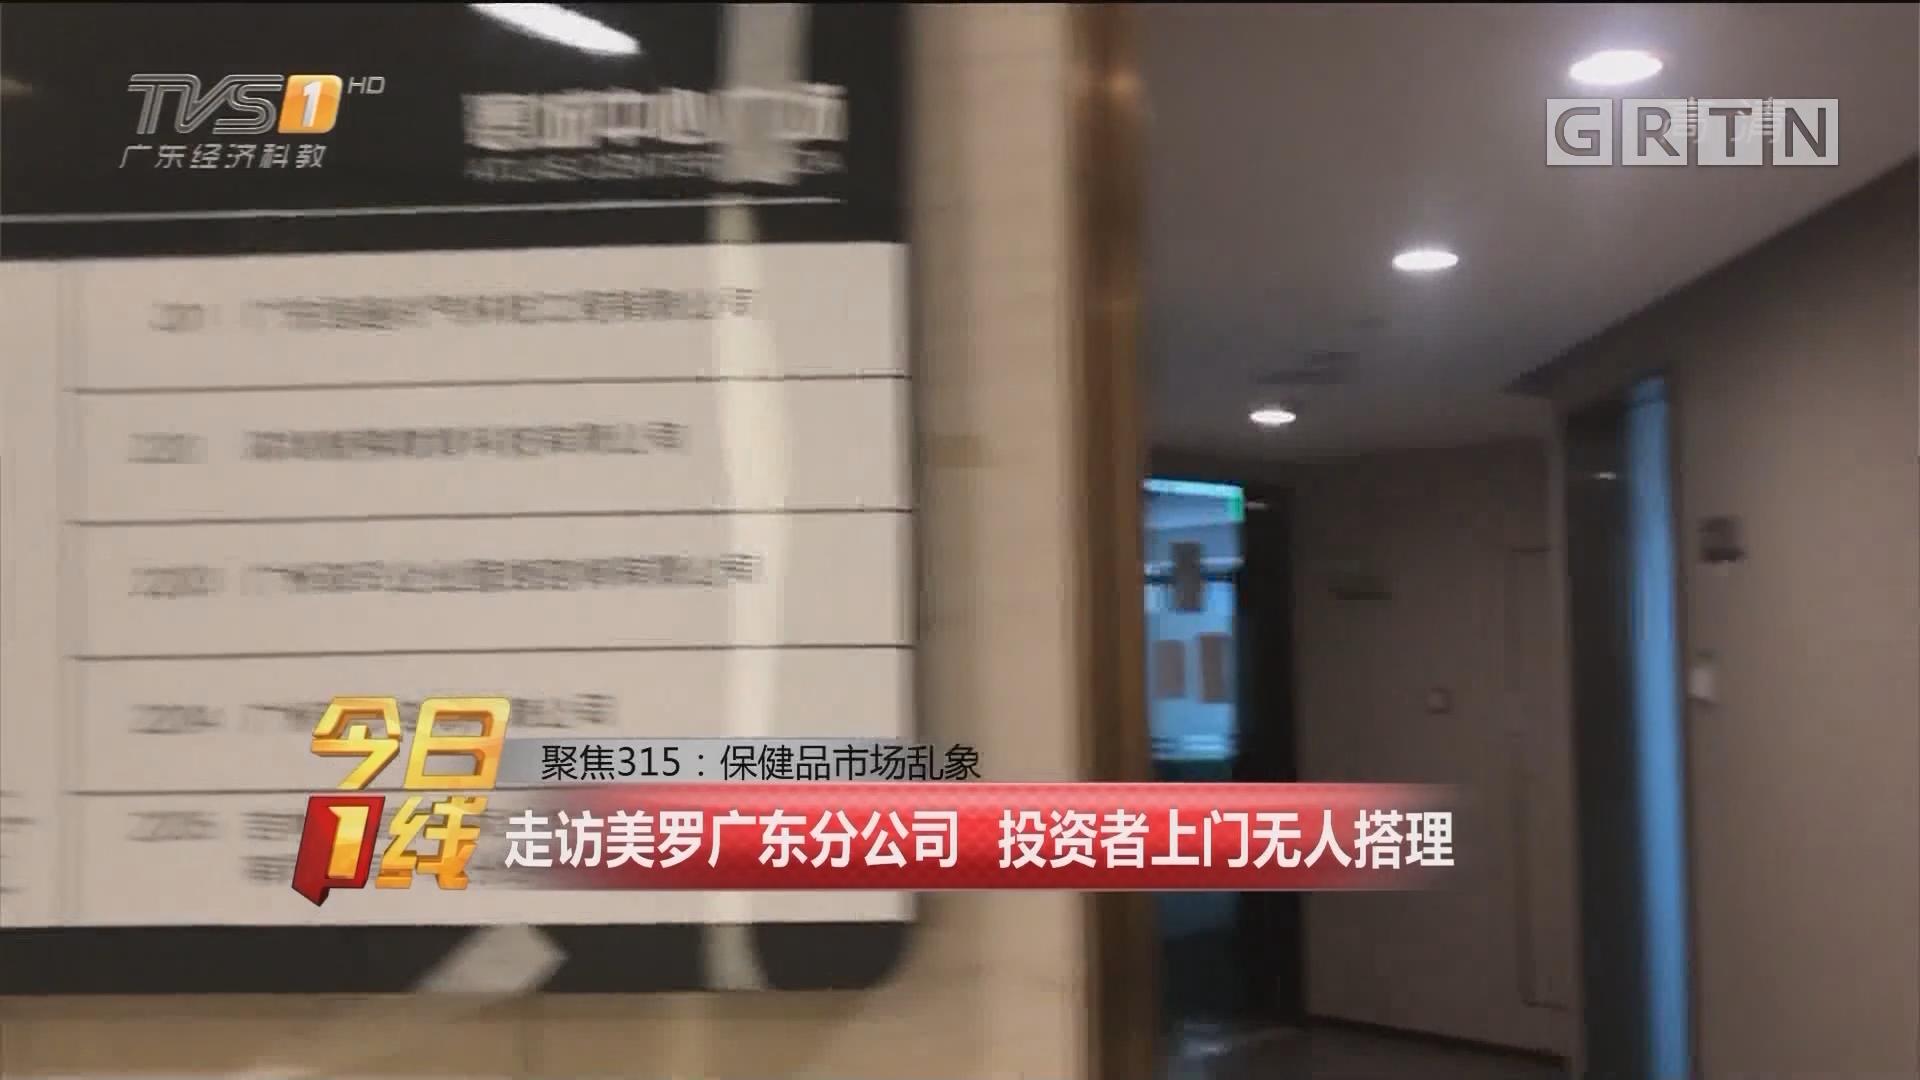 聚焦315:保健品市场乱象 走访美罗广东分公司 投资者上门无人搭理